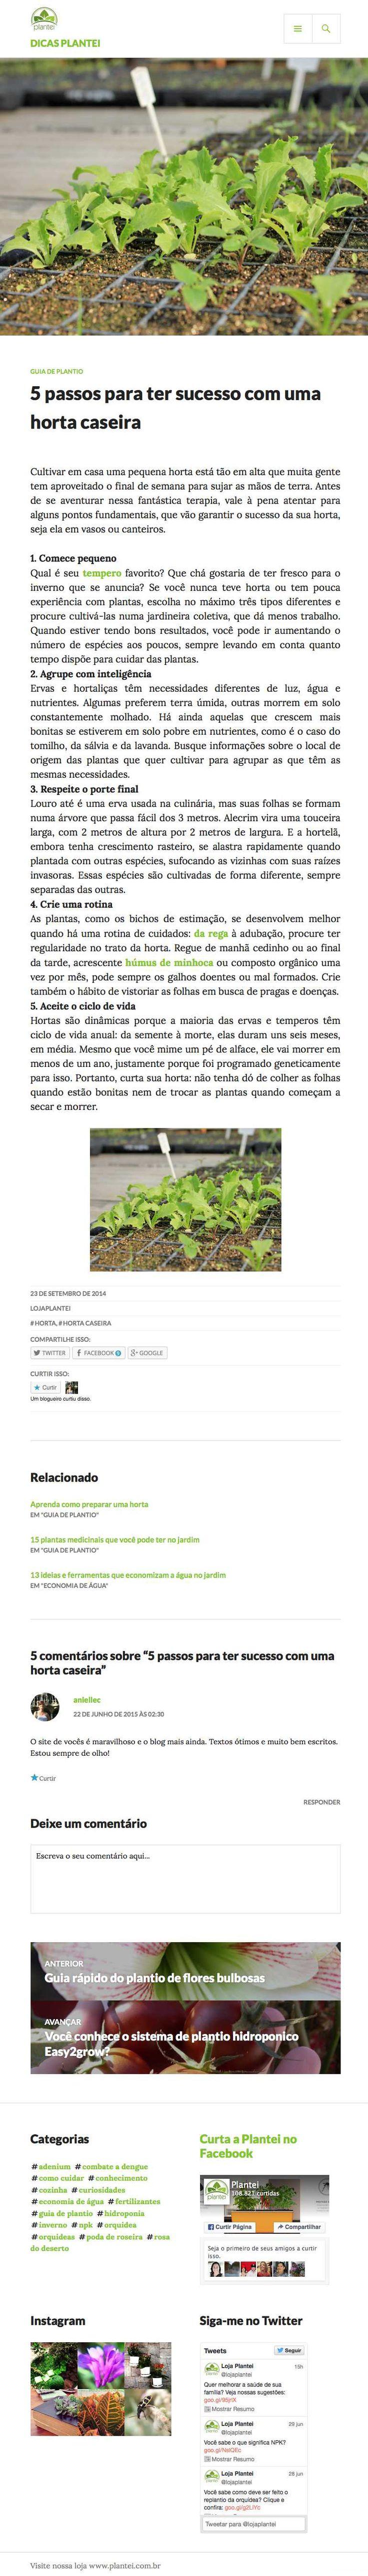 Plantei blog institucional visto em ipad. #blog #empresa #institucional #conteudorelevante